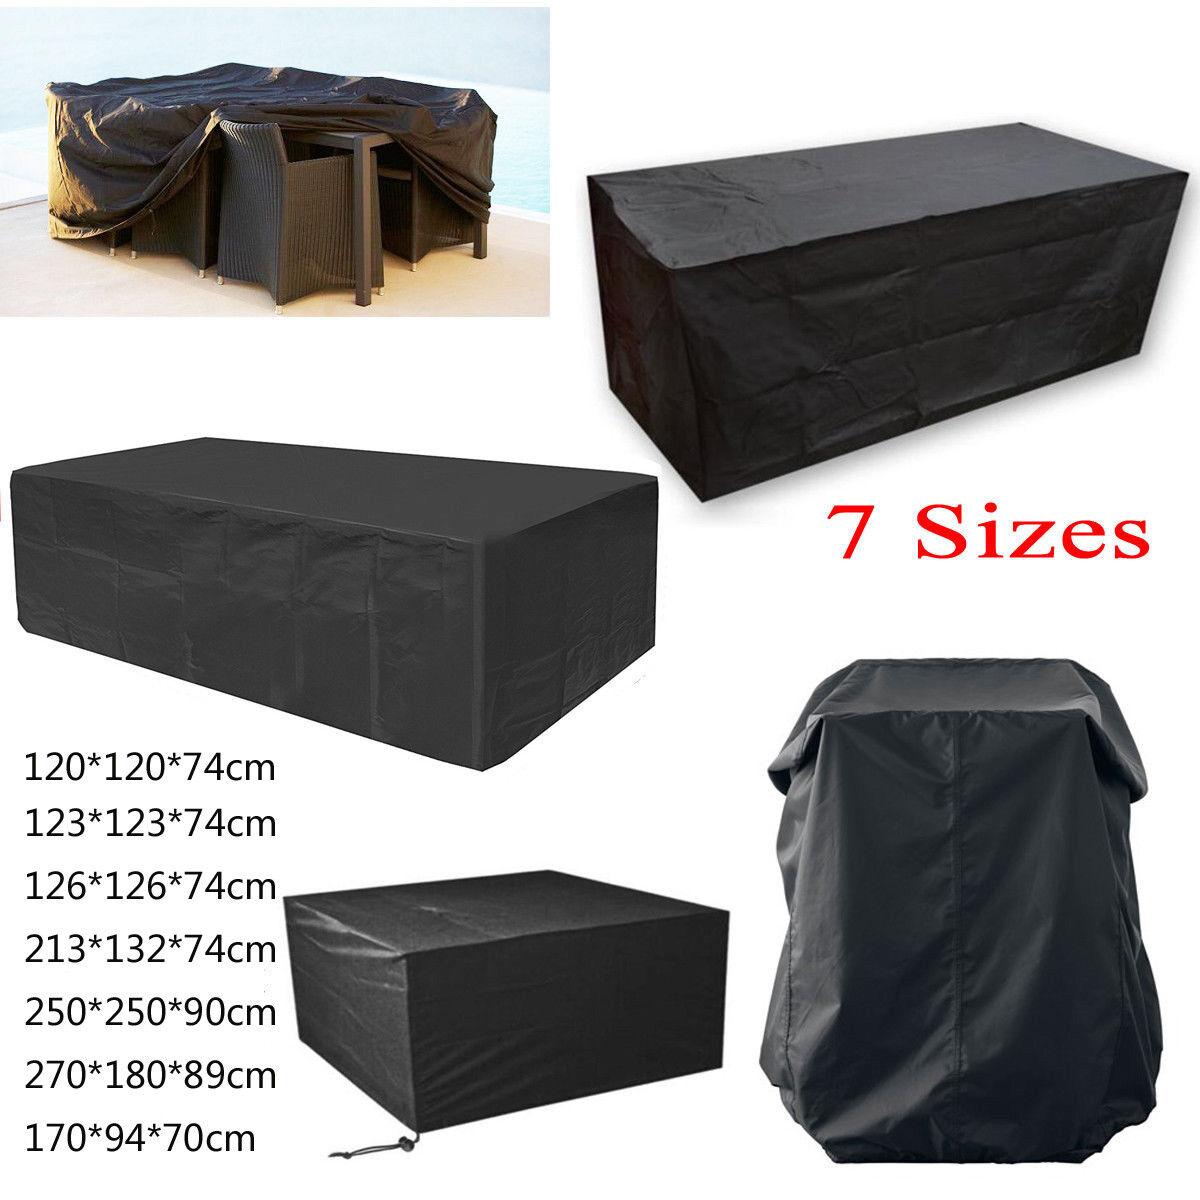 Abdeckung Schutzhülle für Gartenmöbel Gartentisch Sitzgruppe 213 x 132 x 74cm